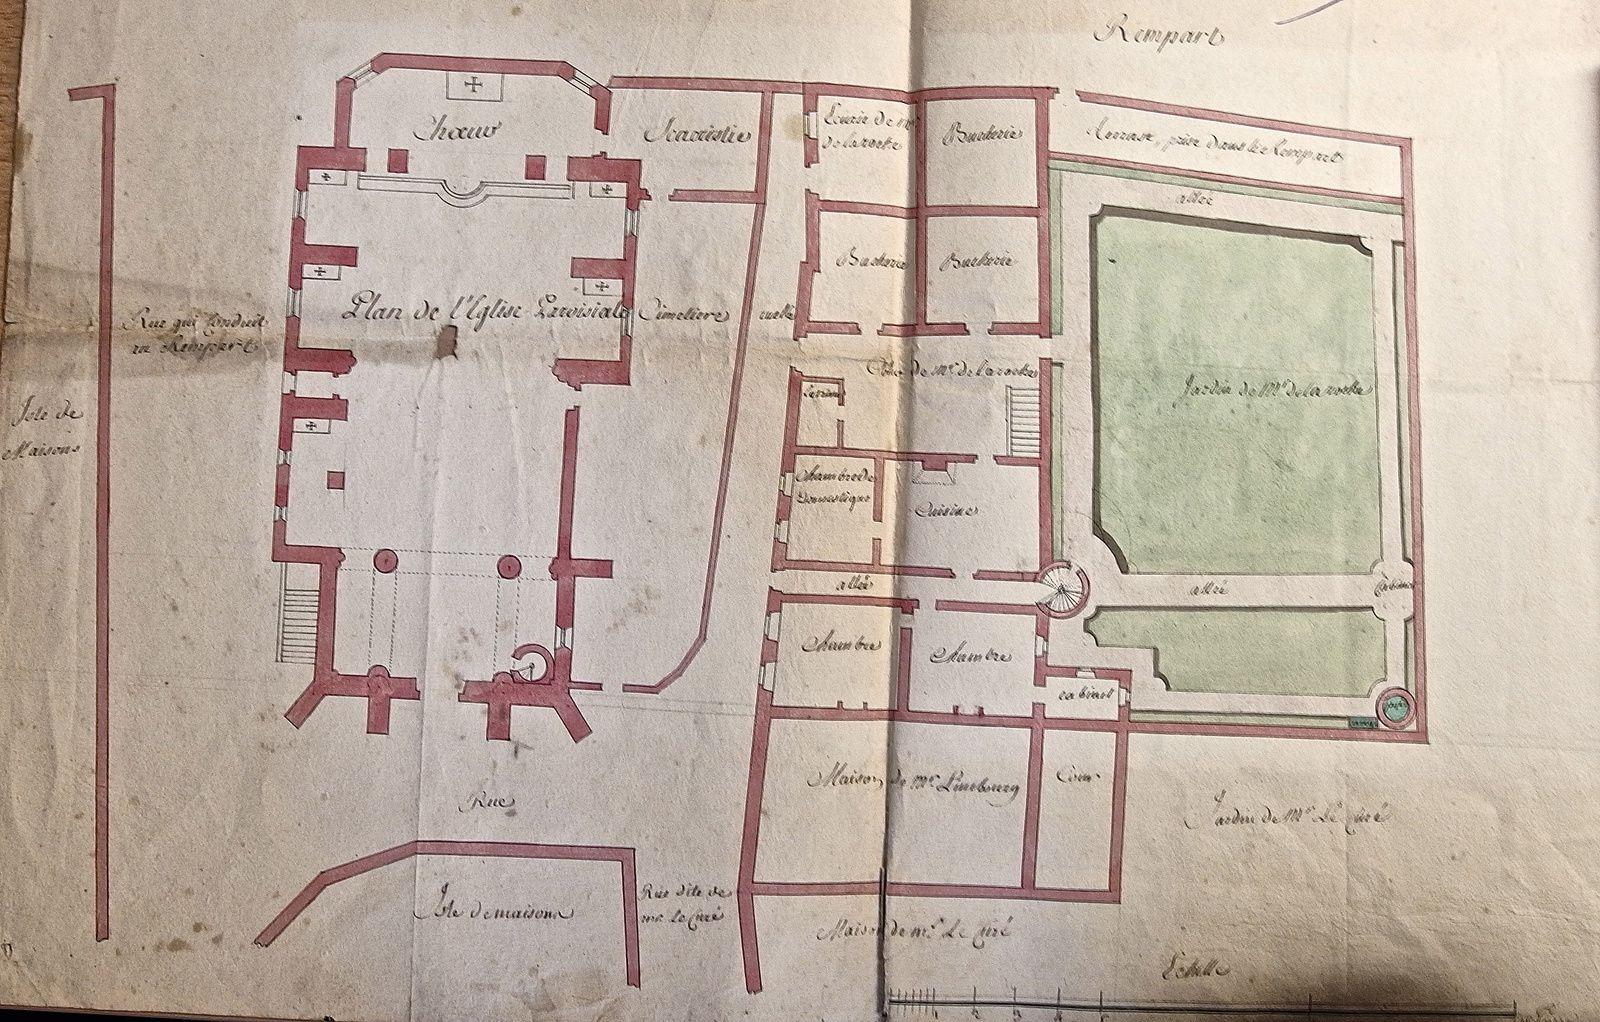 Plan de l'ancienne église de Thionville avec son environnement immédiat daté de 1750, propriété de Charles Abel en 1884, actuellement dans la collection de Dominique Laglasse,  archiviste, de Thionville